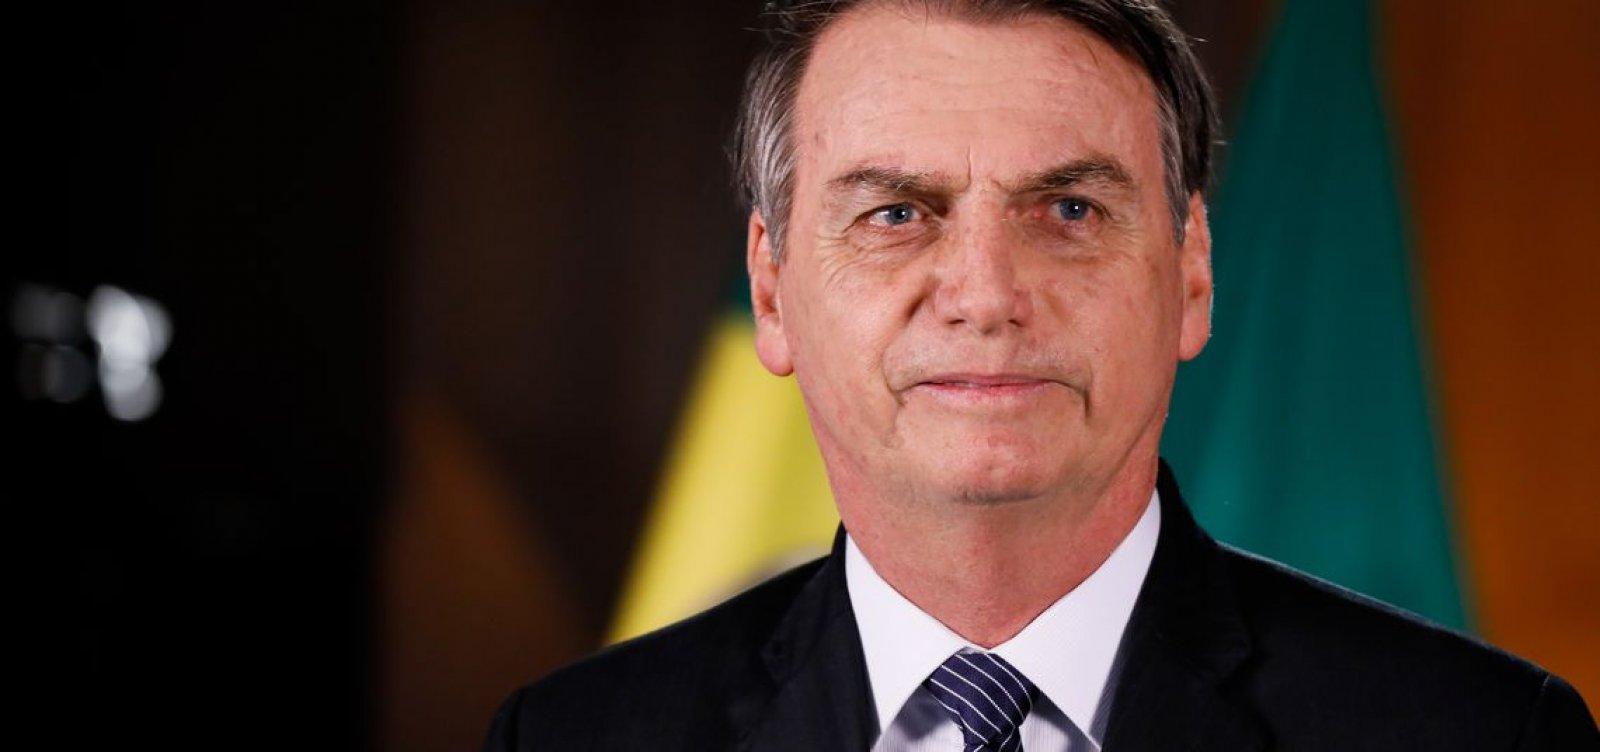 ['Sombra que às vezes não se guia de acordo com o sol', diz Bolsonaro sobre papel de vice-presidente]